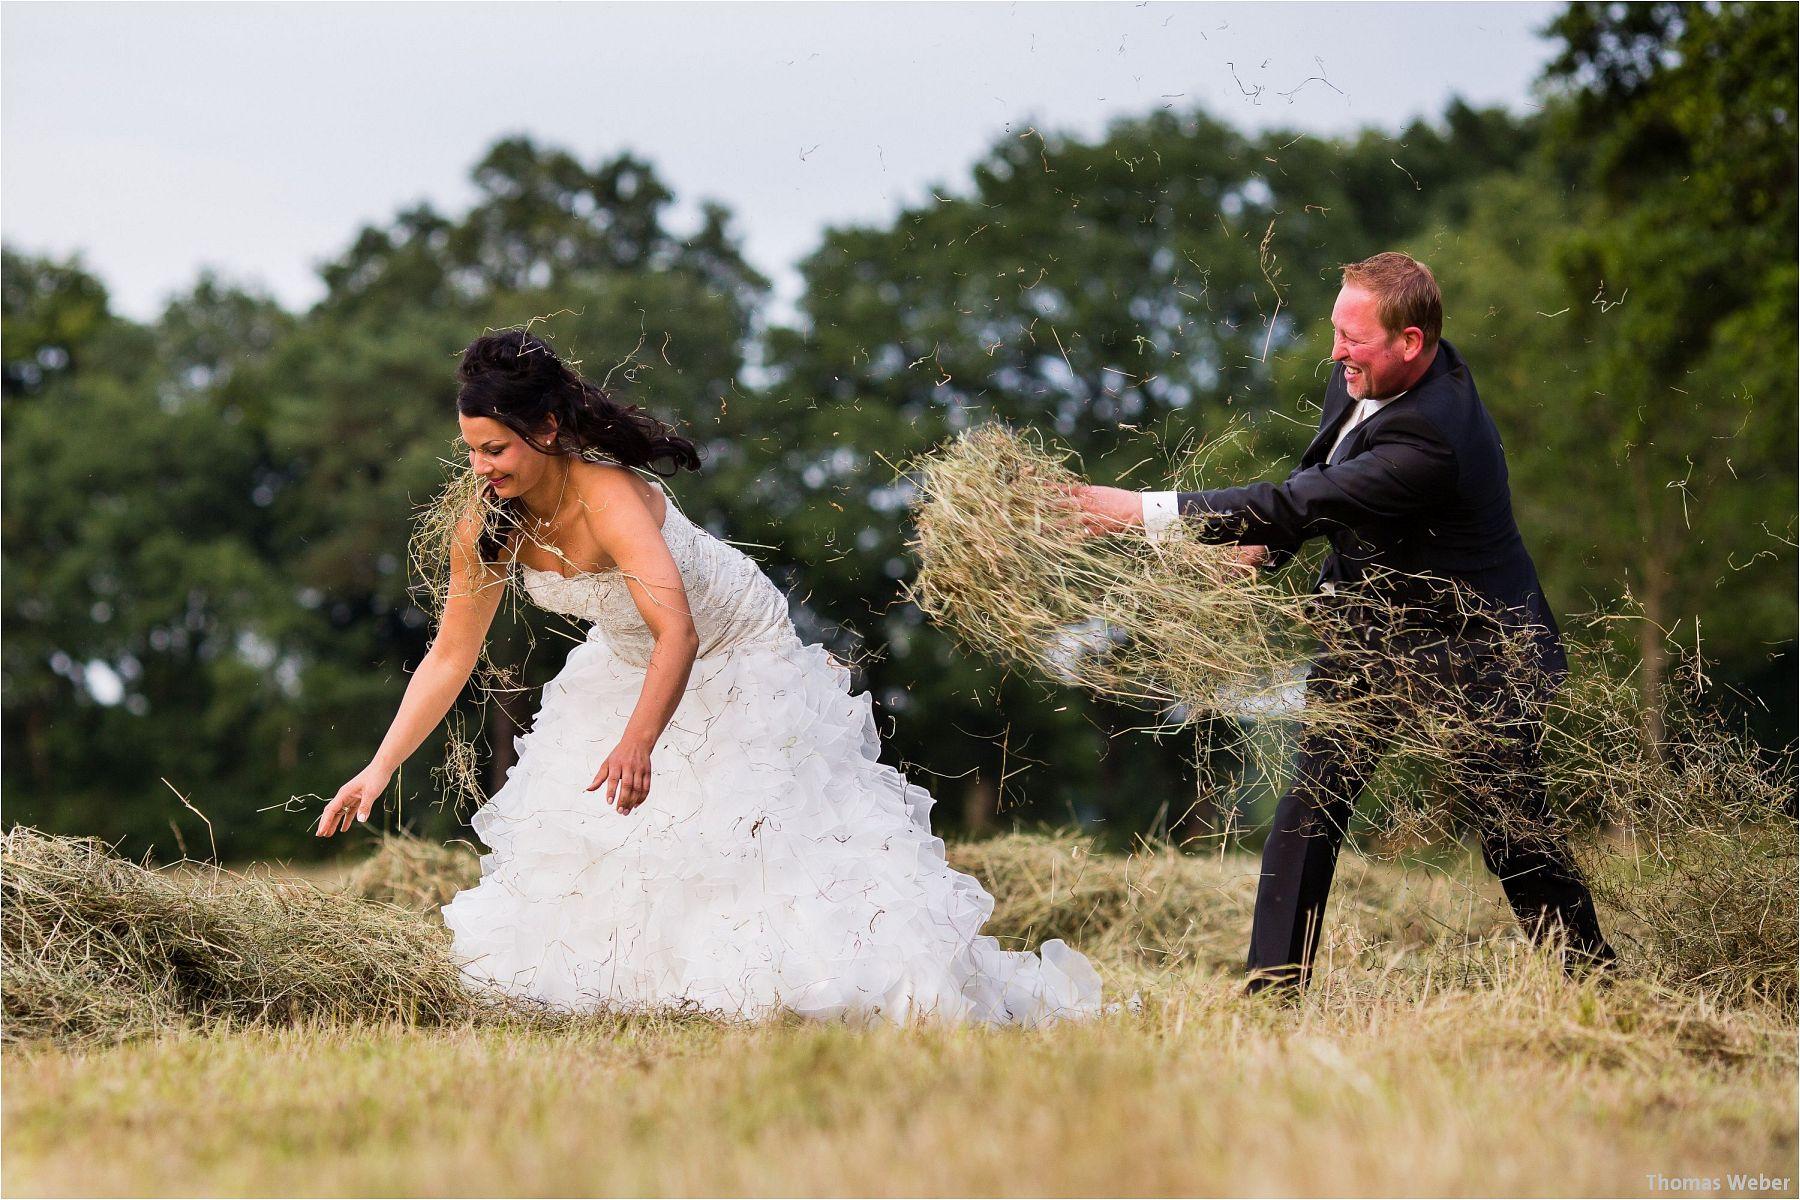 Hochzeitsfotograf Oldenburg: Hochzeitsportraits bei einem After Wedding Shooting am Nordsee-Strand von Dangast/Varel bei Sonnenuntergang (4)